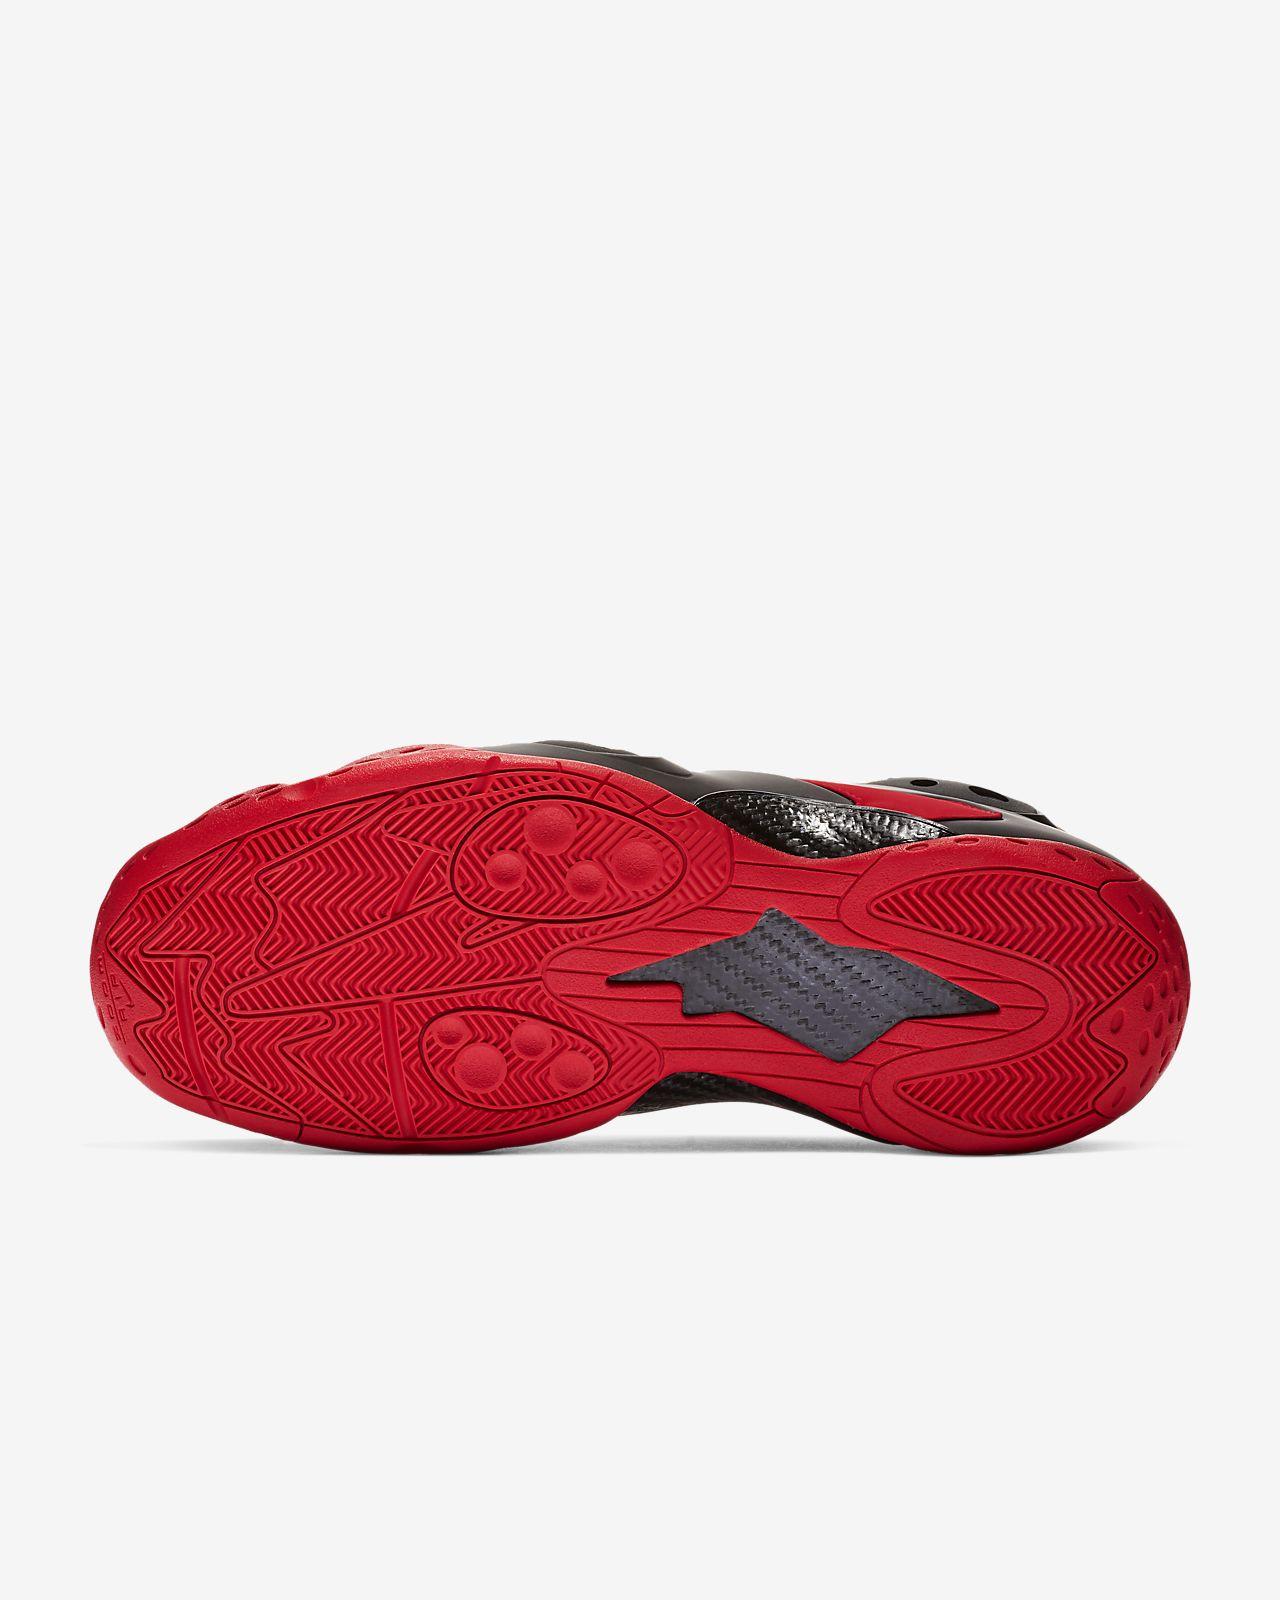 Nike Air Zoom Rookie Men's Shoe